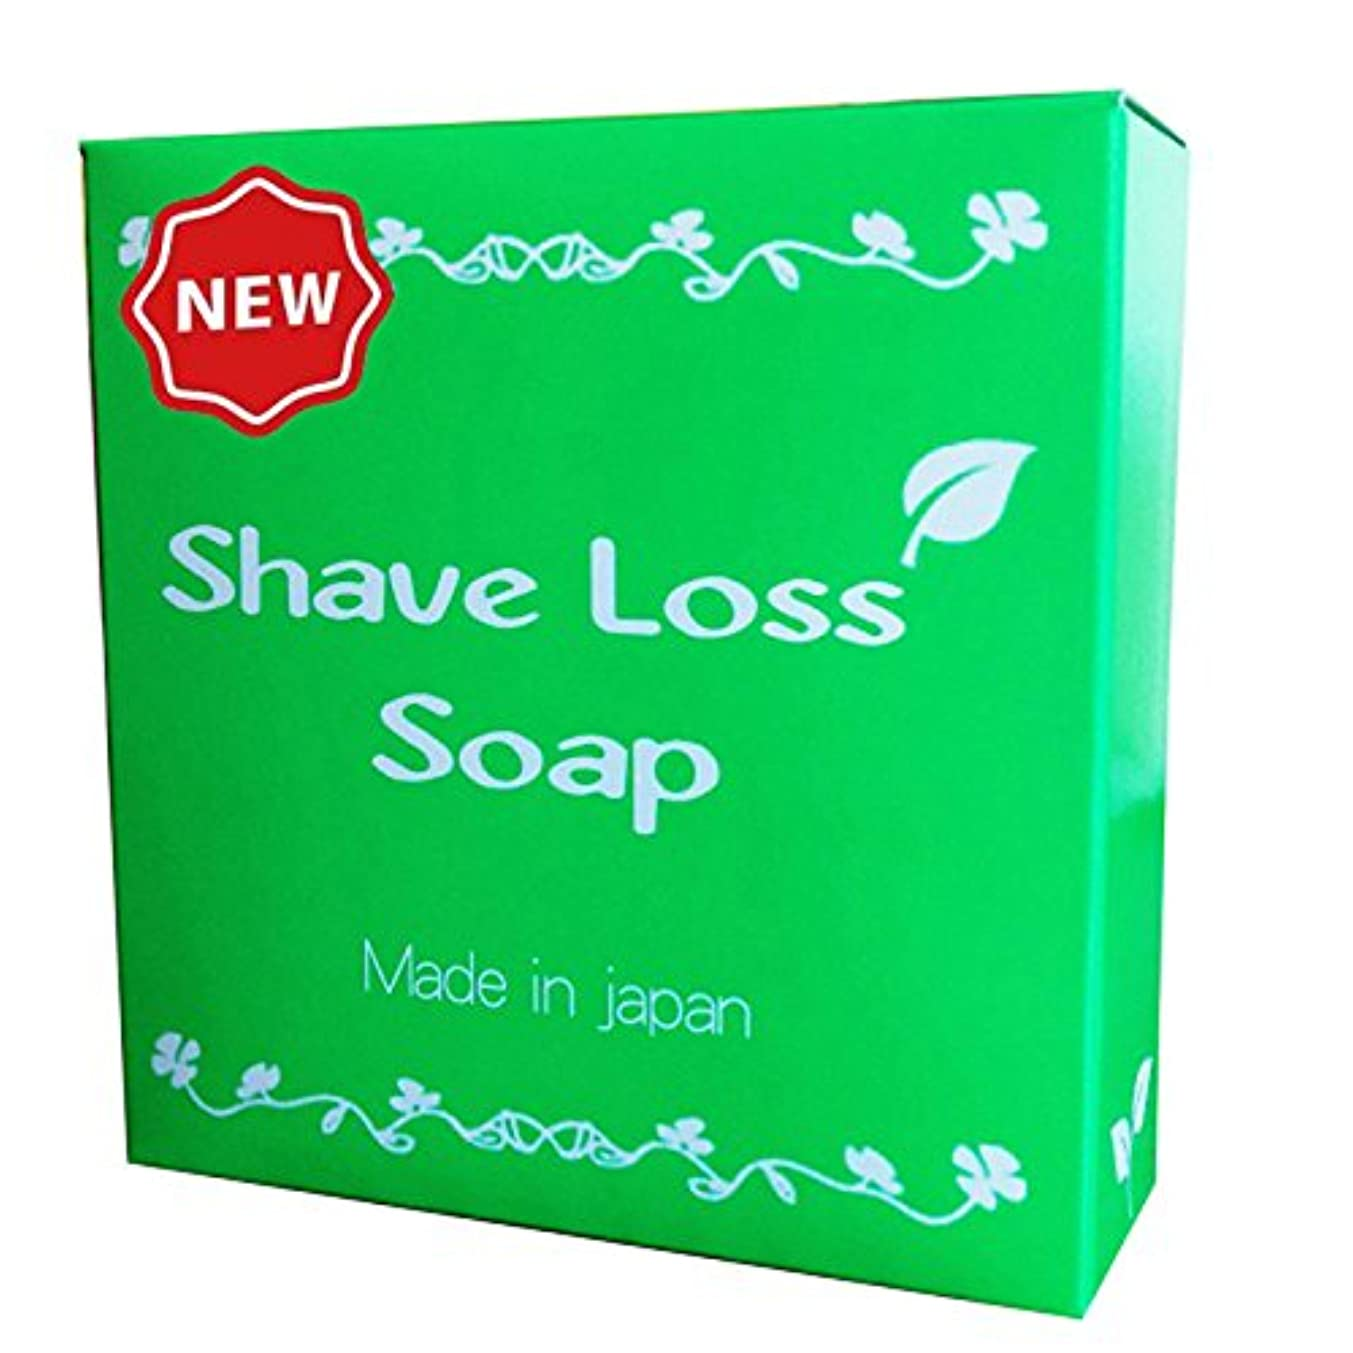 パスポート地区かき混ぜる【NEW】Shave Loss Soap 女性の願いを叶える 石鹸 80g 「ダイズ種子エキス」 「ラレアディバリカタエキス」大幅増量タイプ